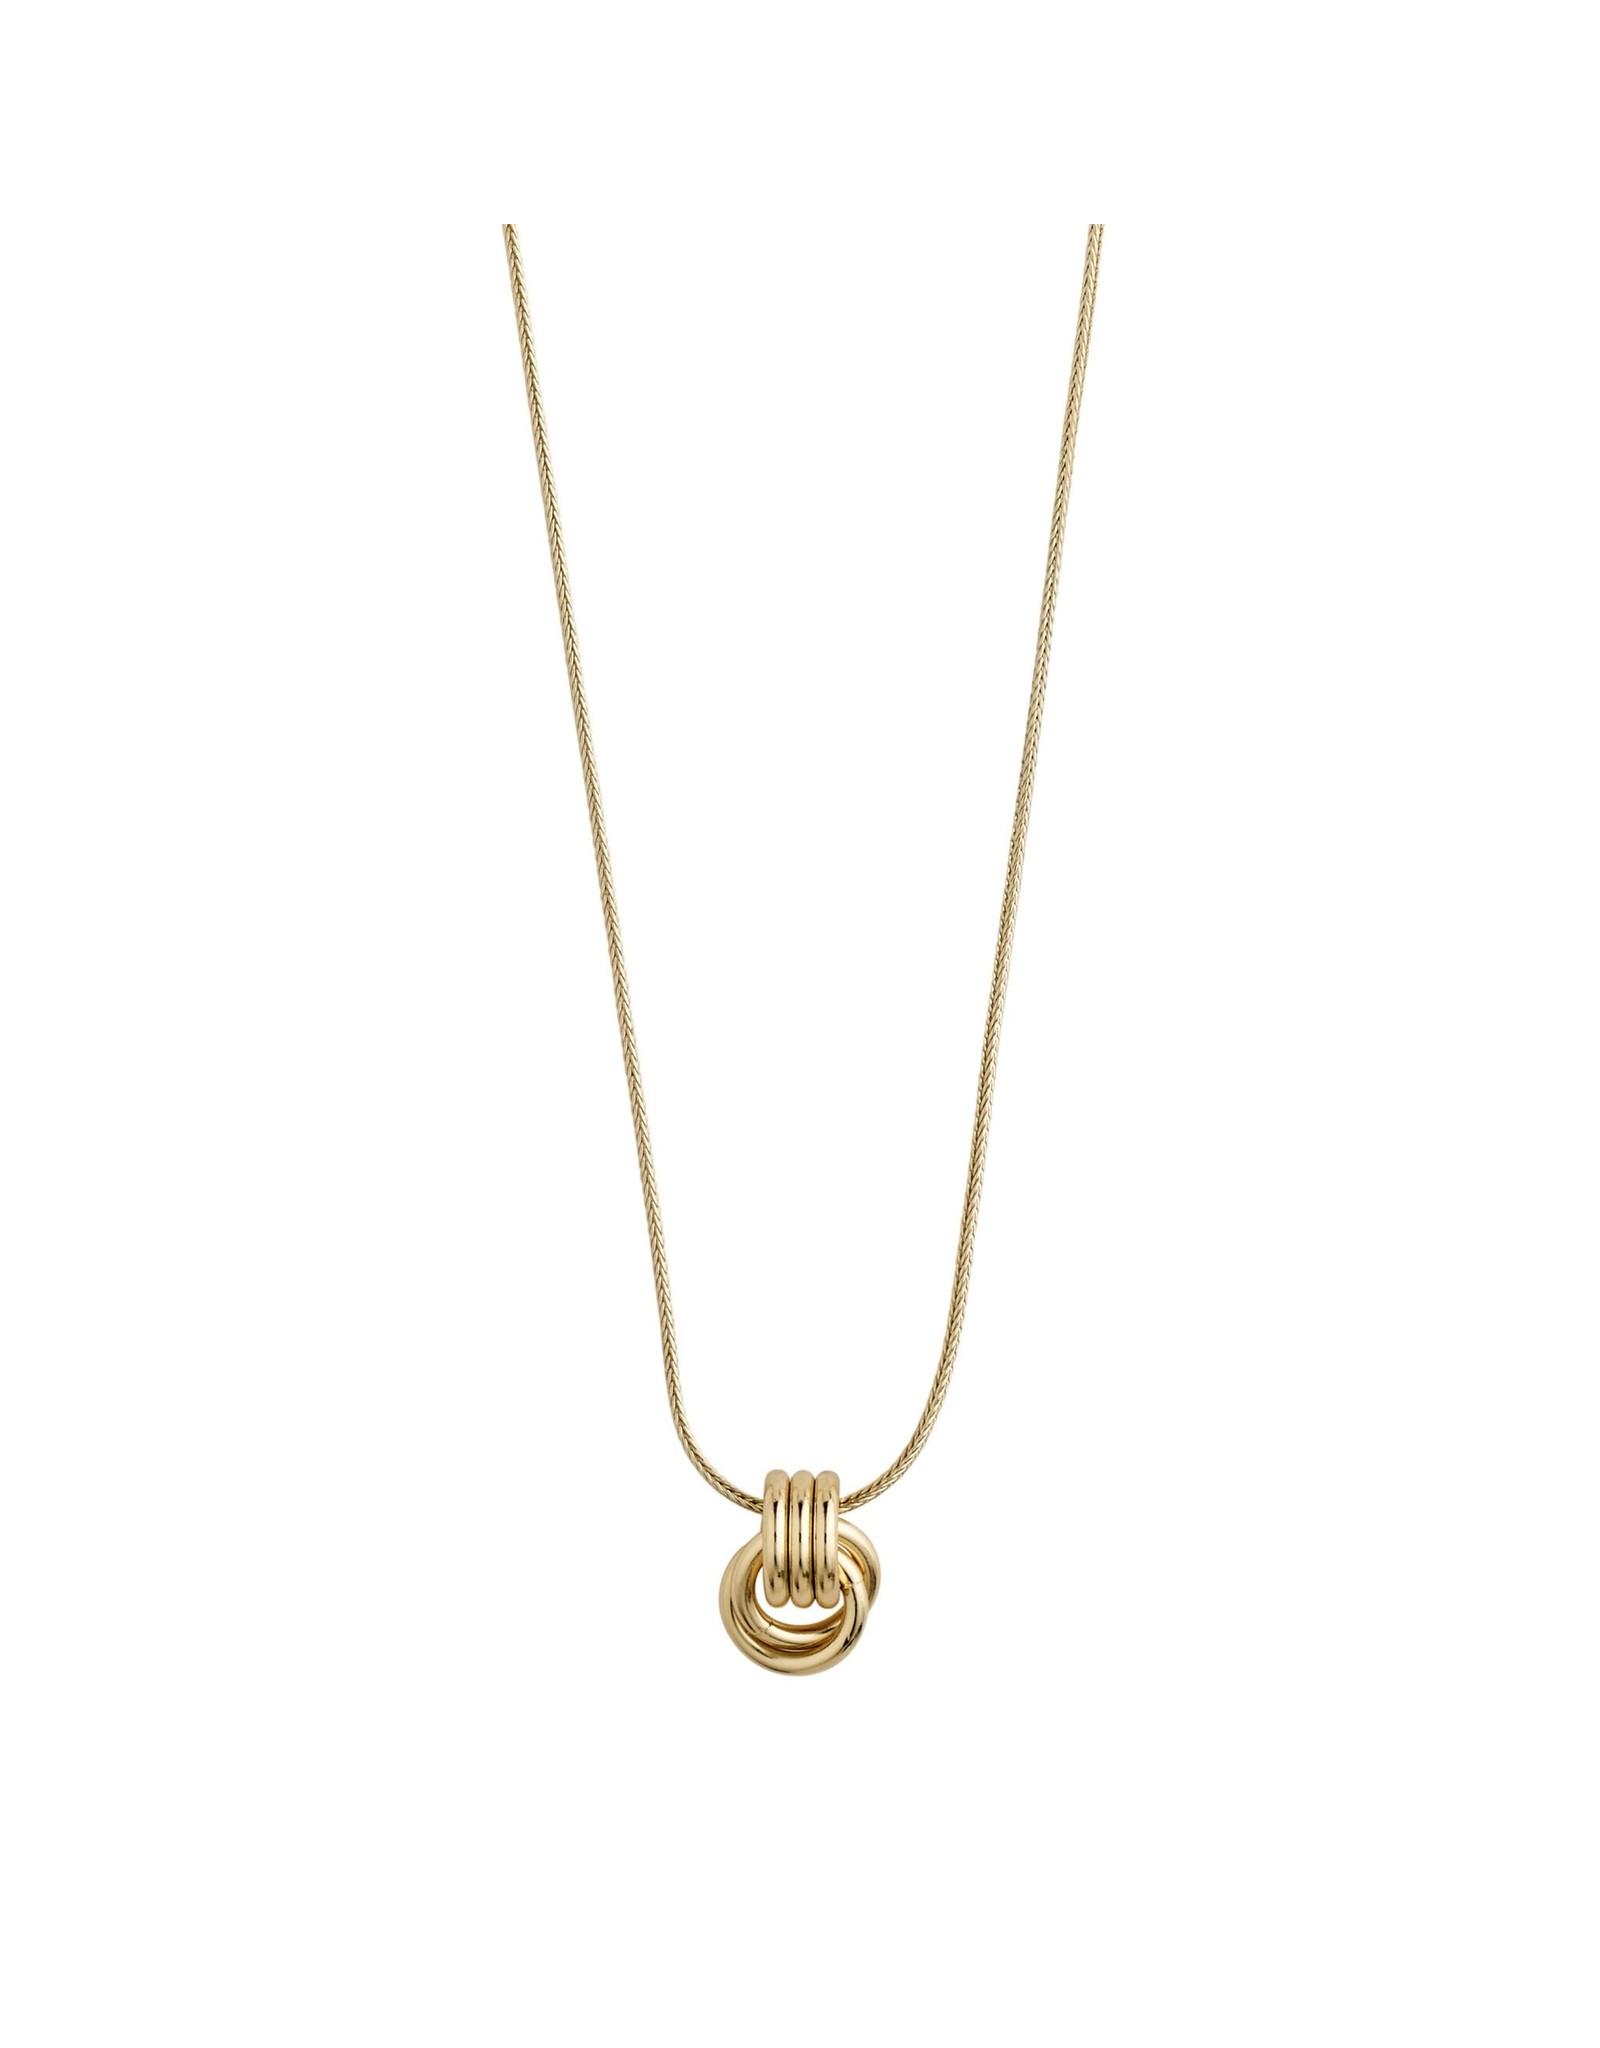 Pilgrim Pilgrim Doris Necklace Gold Plated